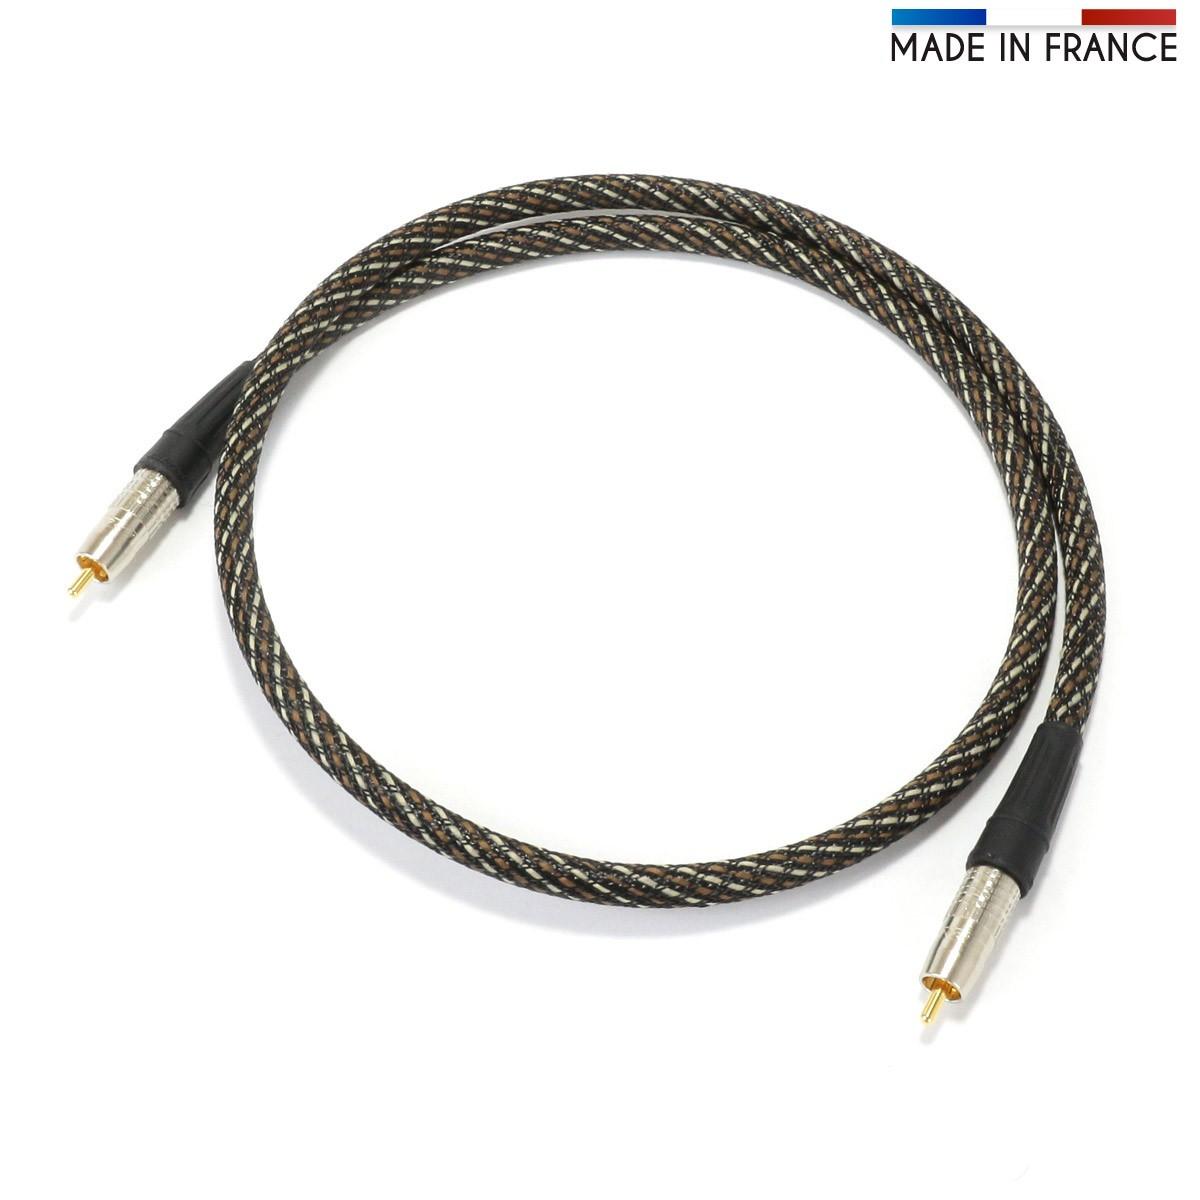 AUDIOPHONICS CANARE Câble Numérique Coaxial 75ohm RCA-RCA 3m